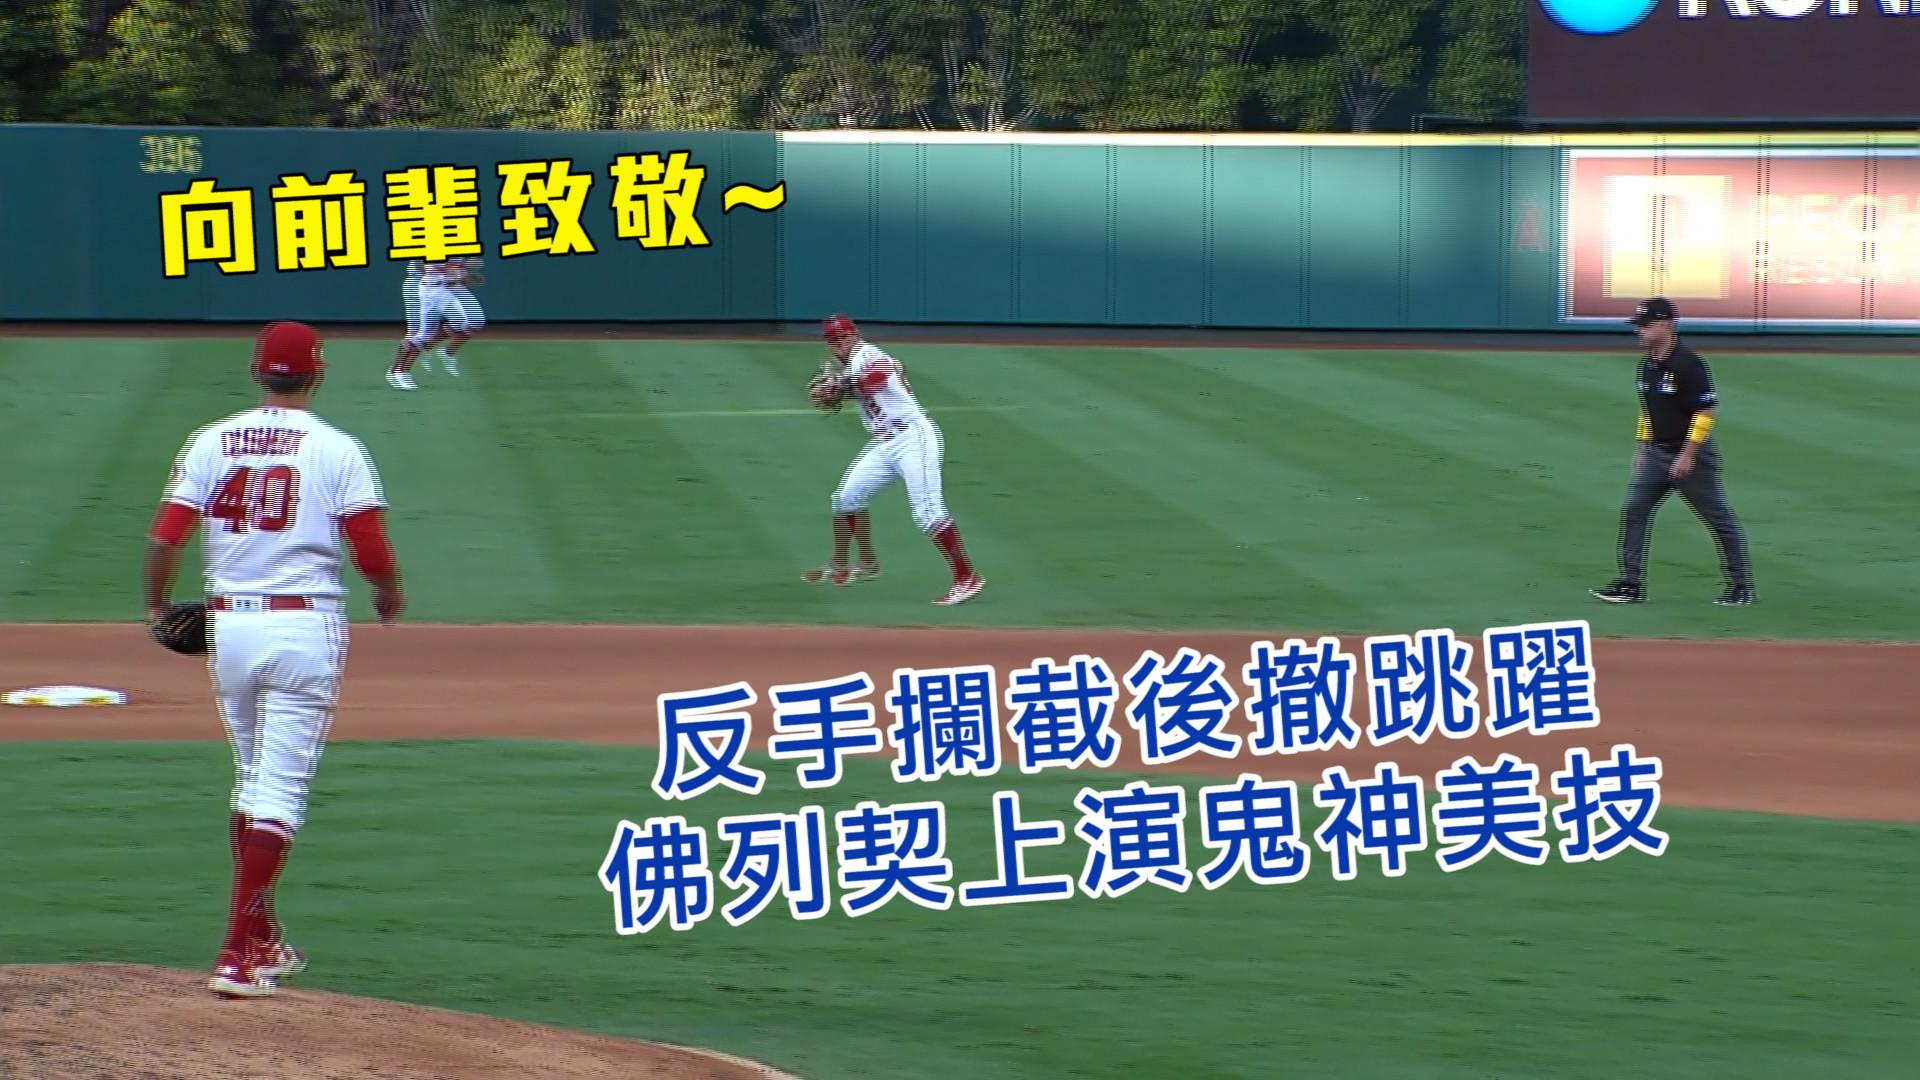 【MLB看愛爾達】超狂好球不看不應該 MLB五大美技精選 09/02